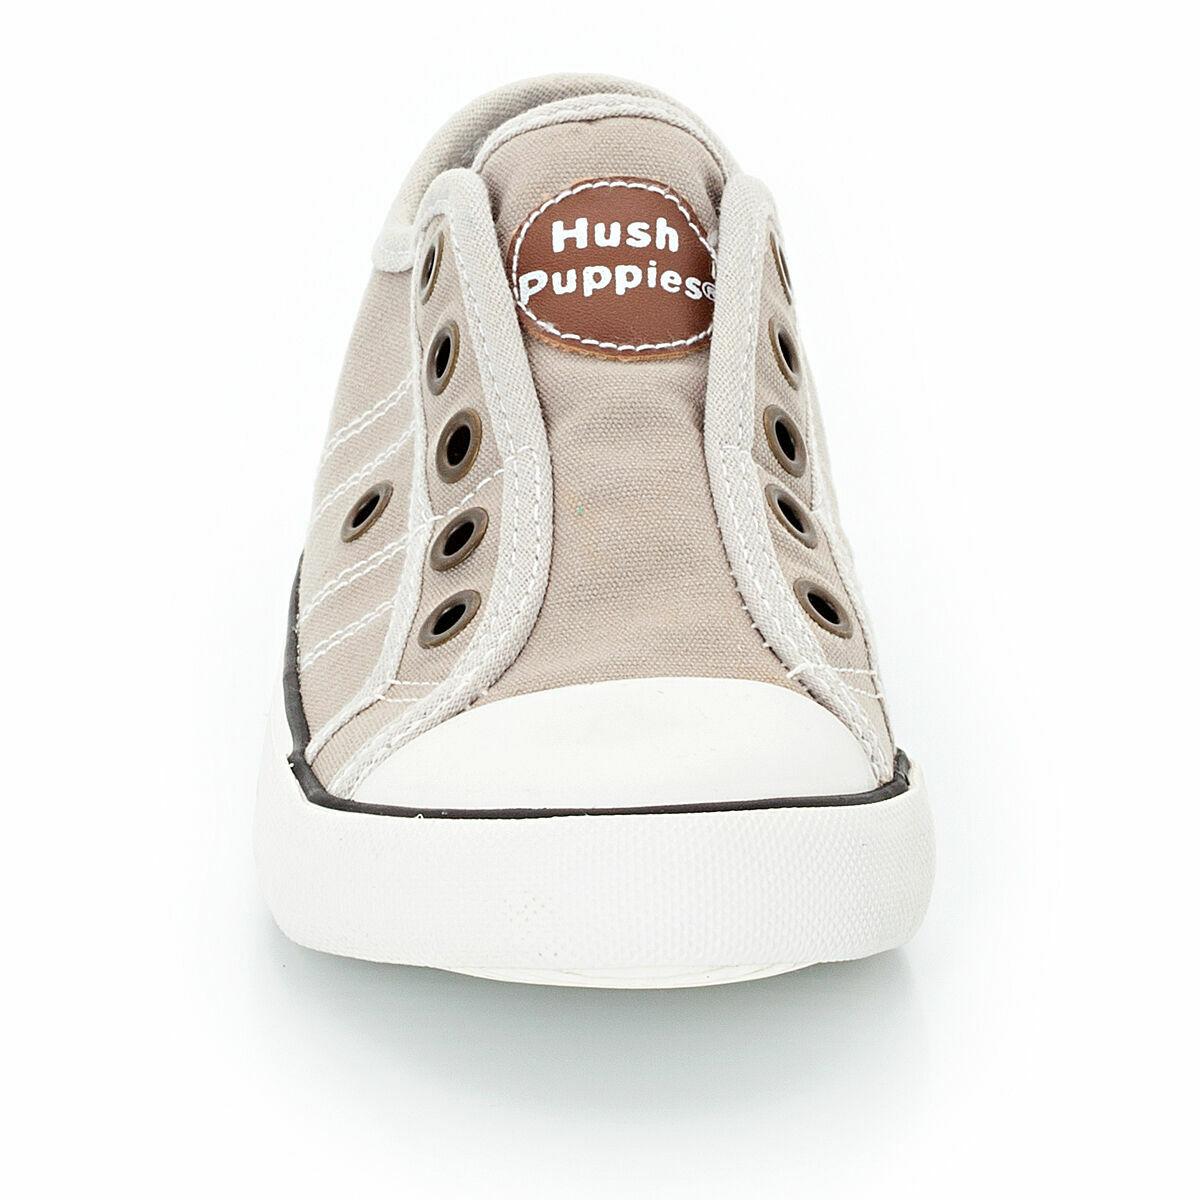 Bild 4 von Hush Puppies Kinder Sneaker